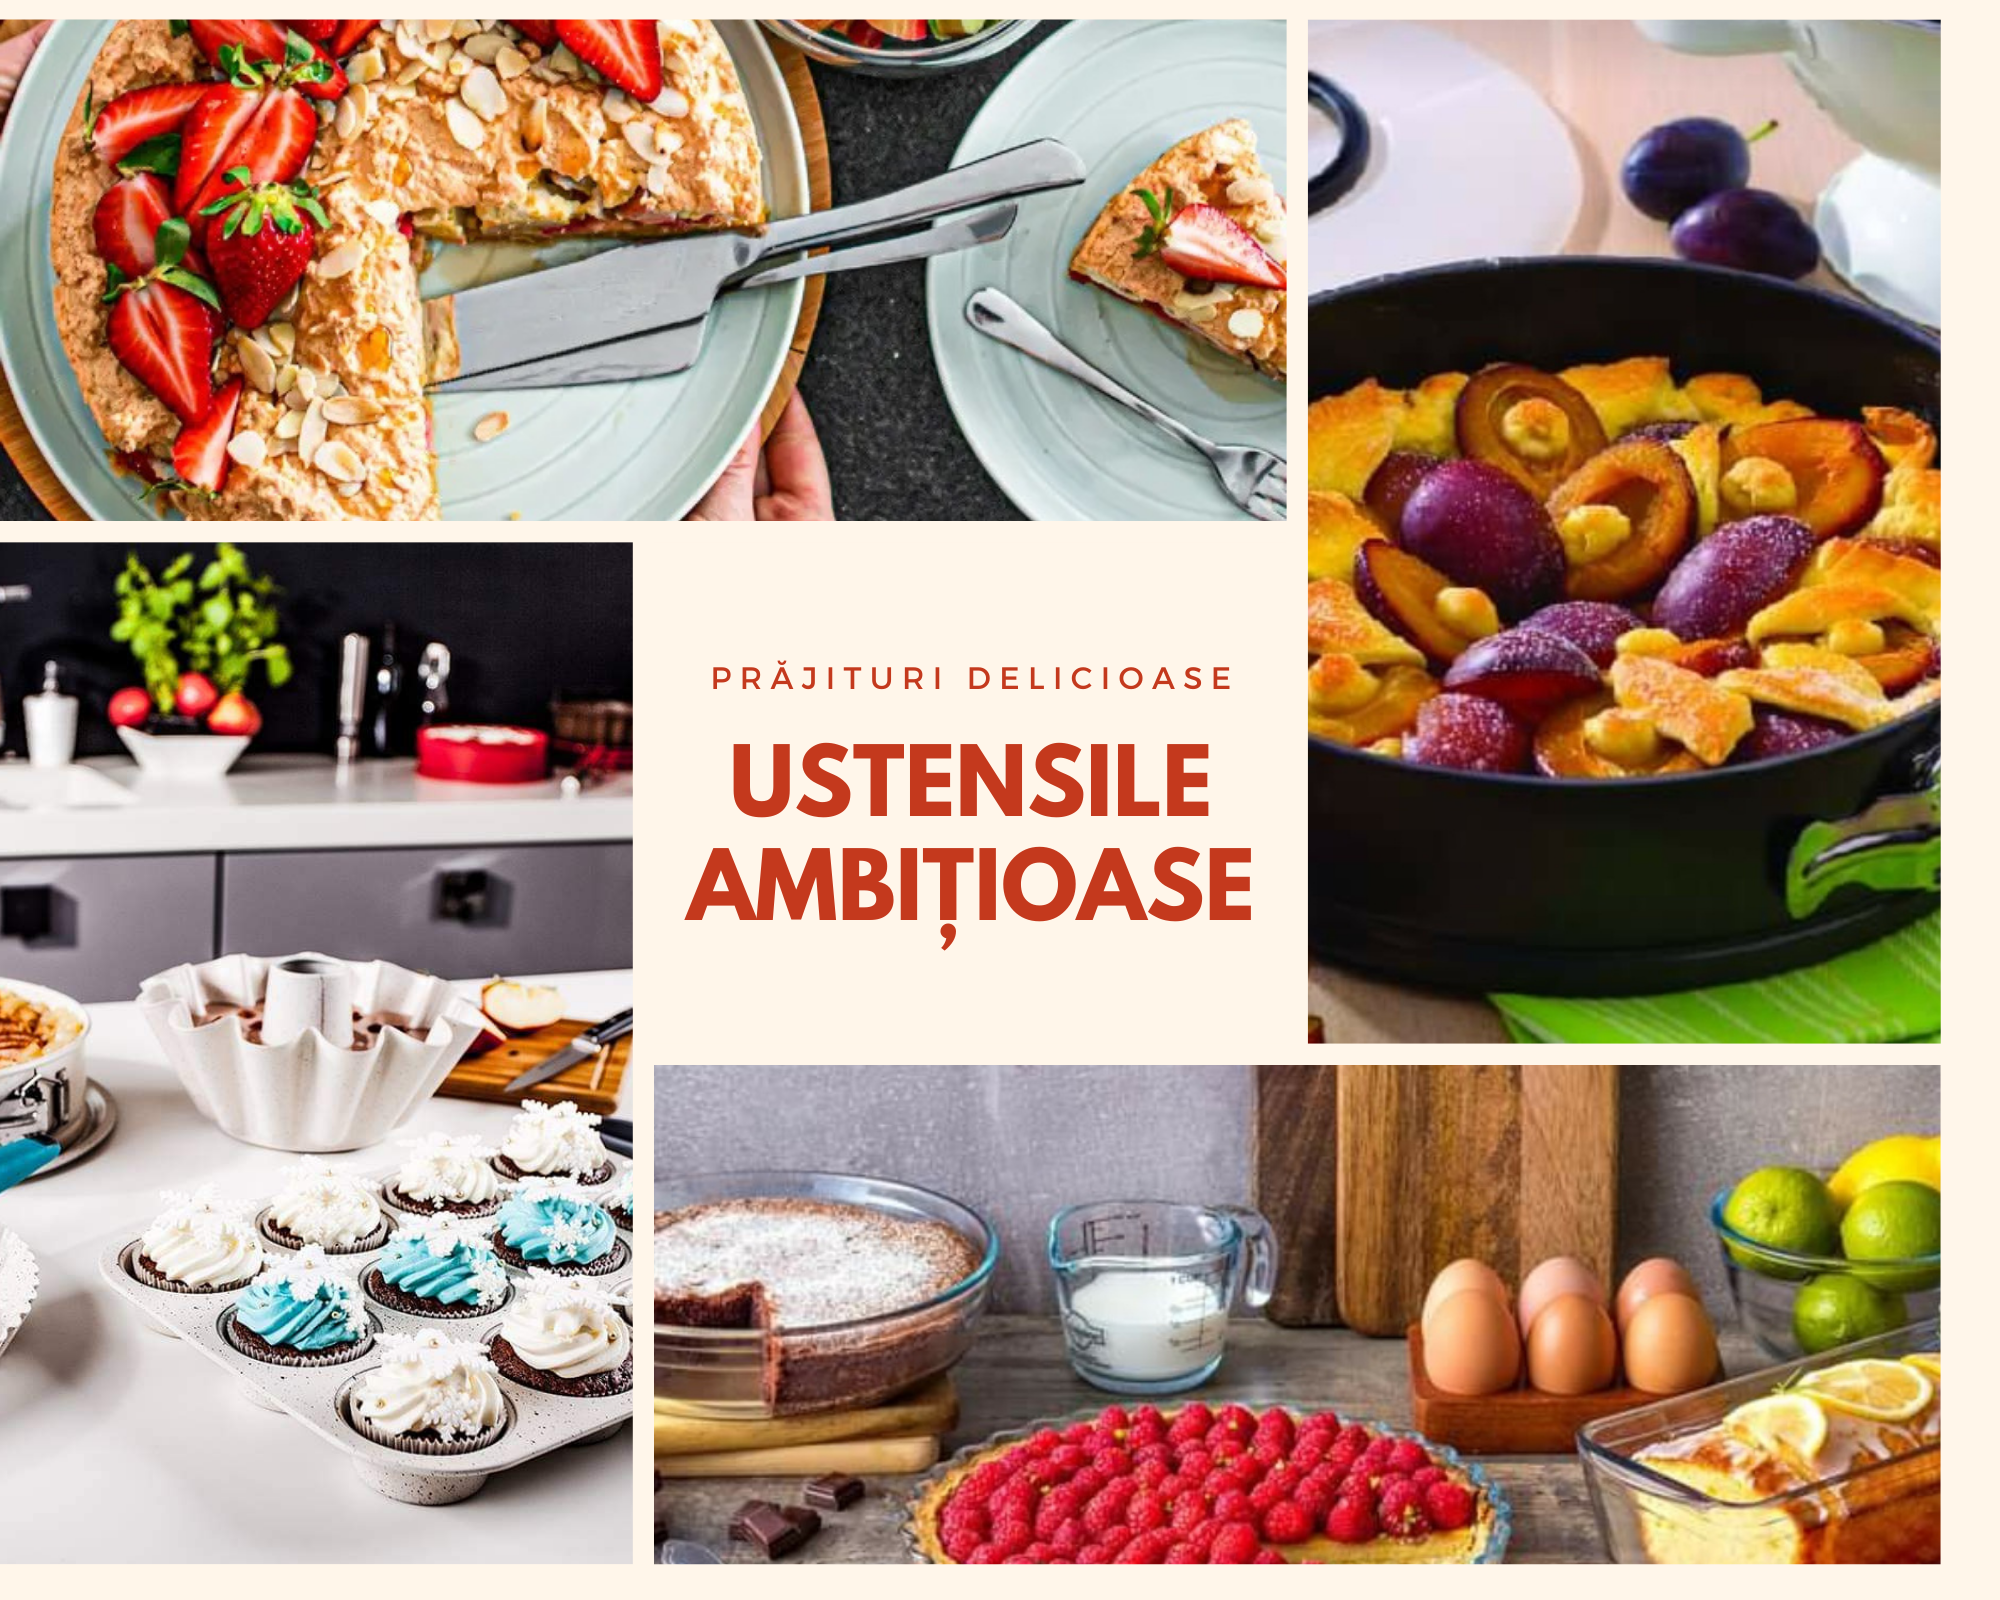 Prăjturi delicioase cu ustensile ambițioase